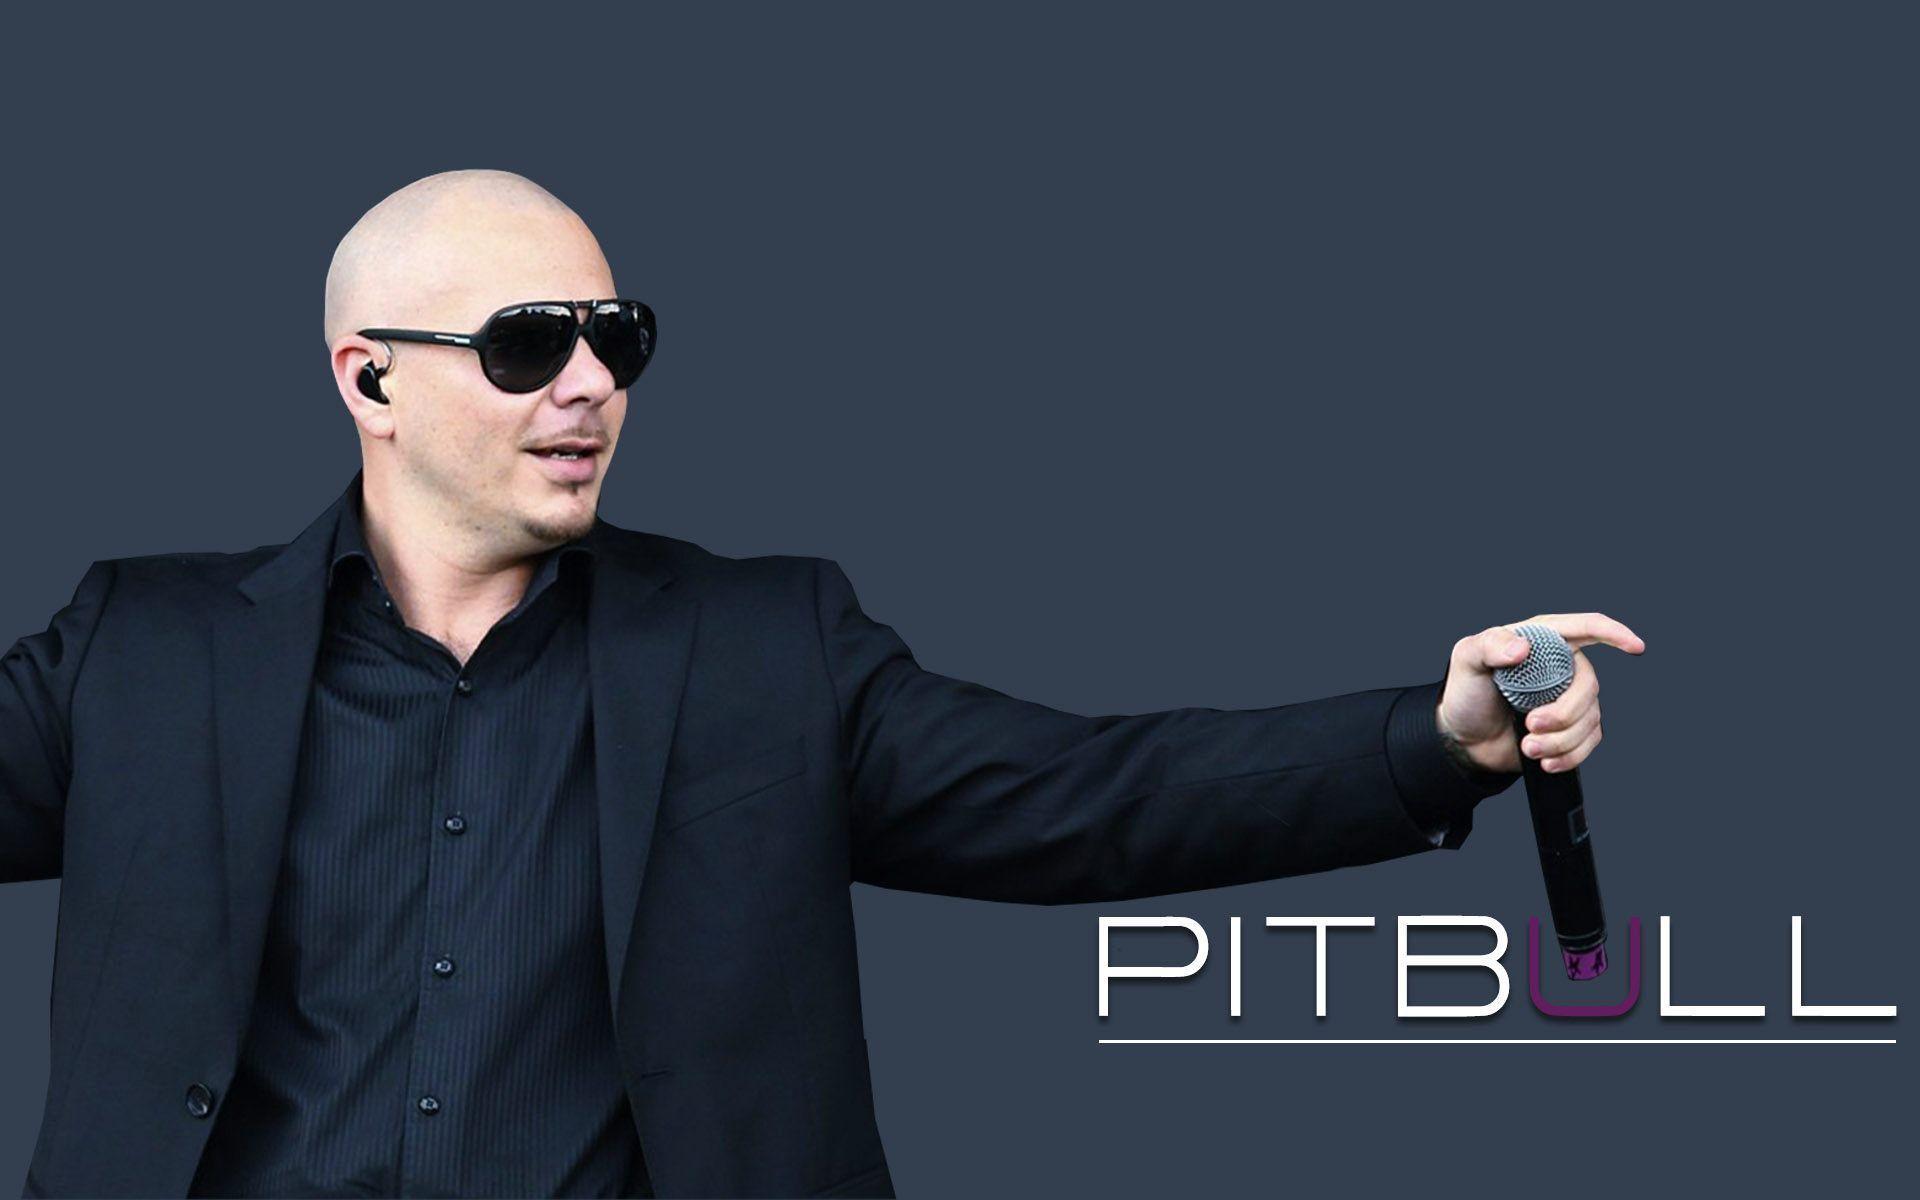 Pitbull Rapper Best Wallpaper HD